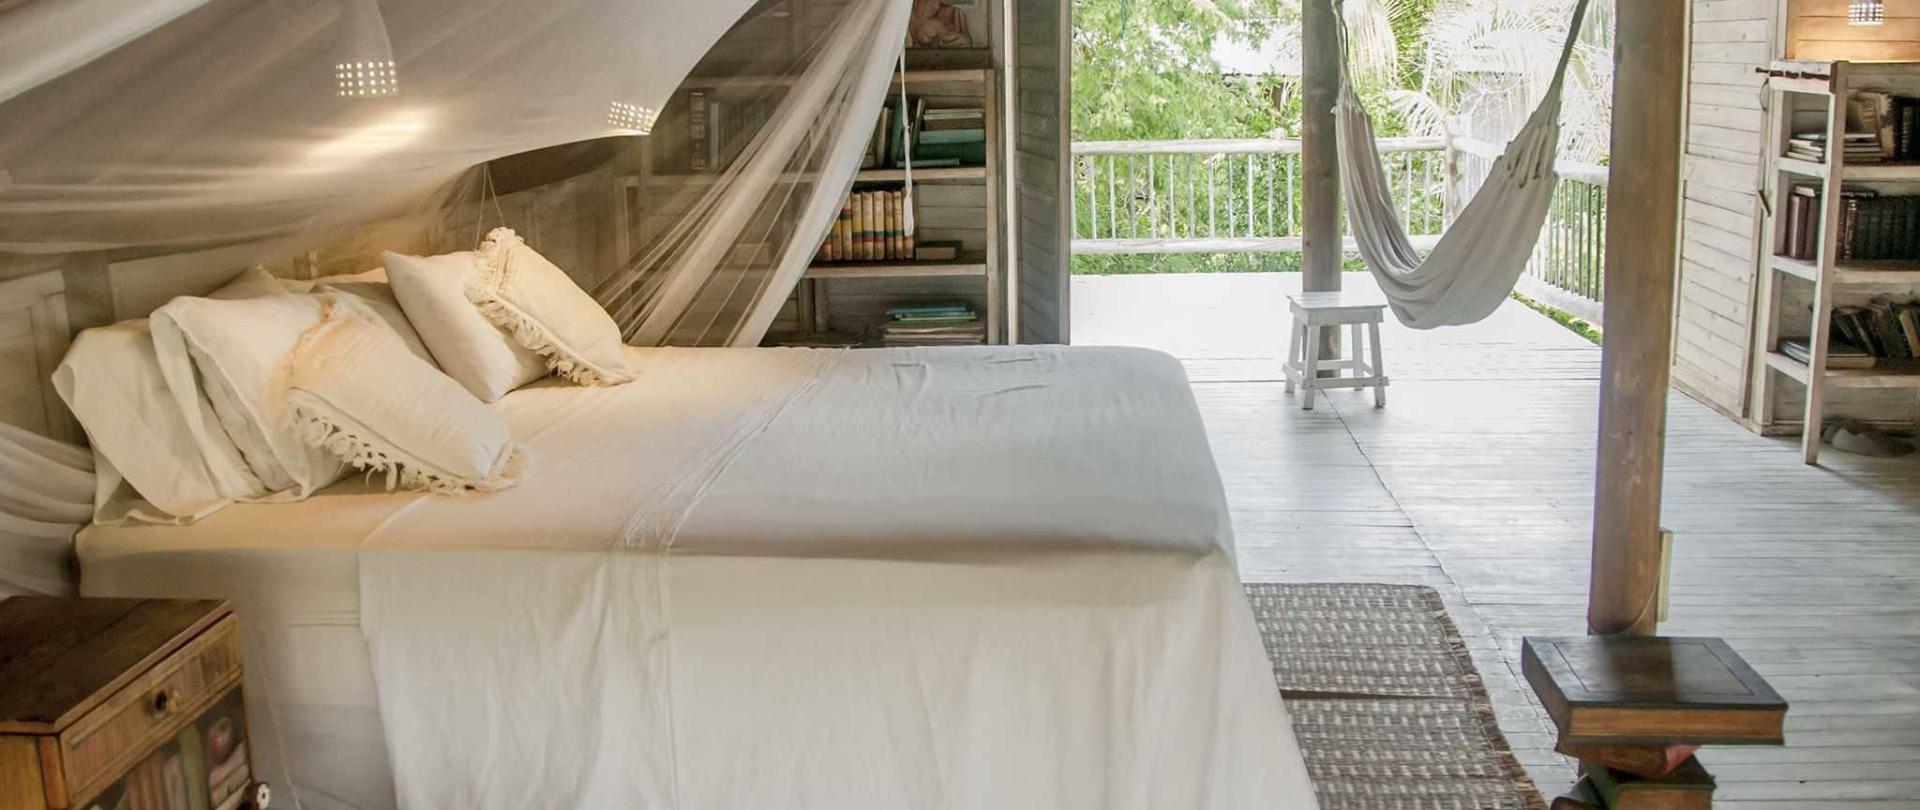 hotel-playa-manglares-isla-baru-room-3-04.jpg